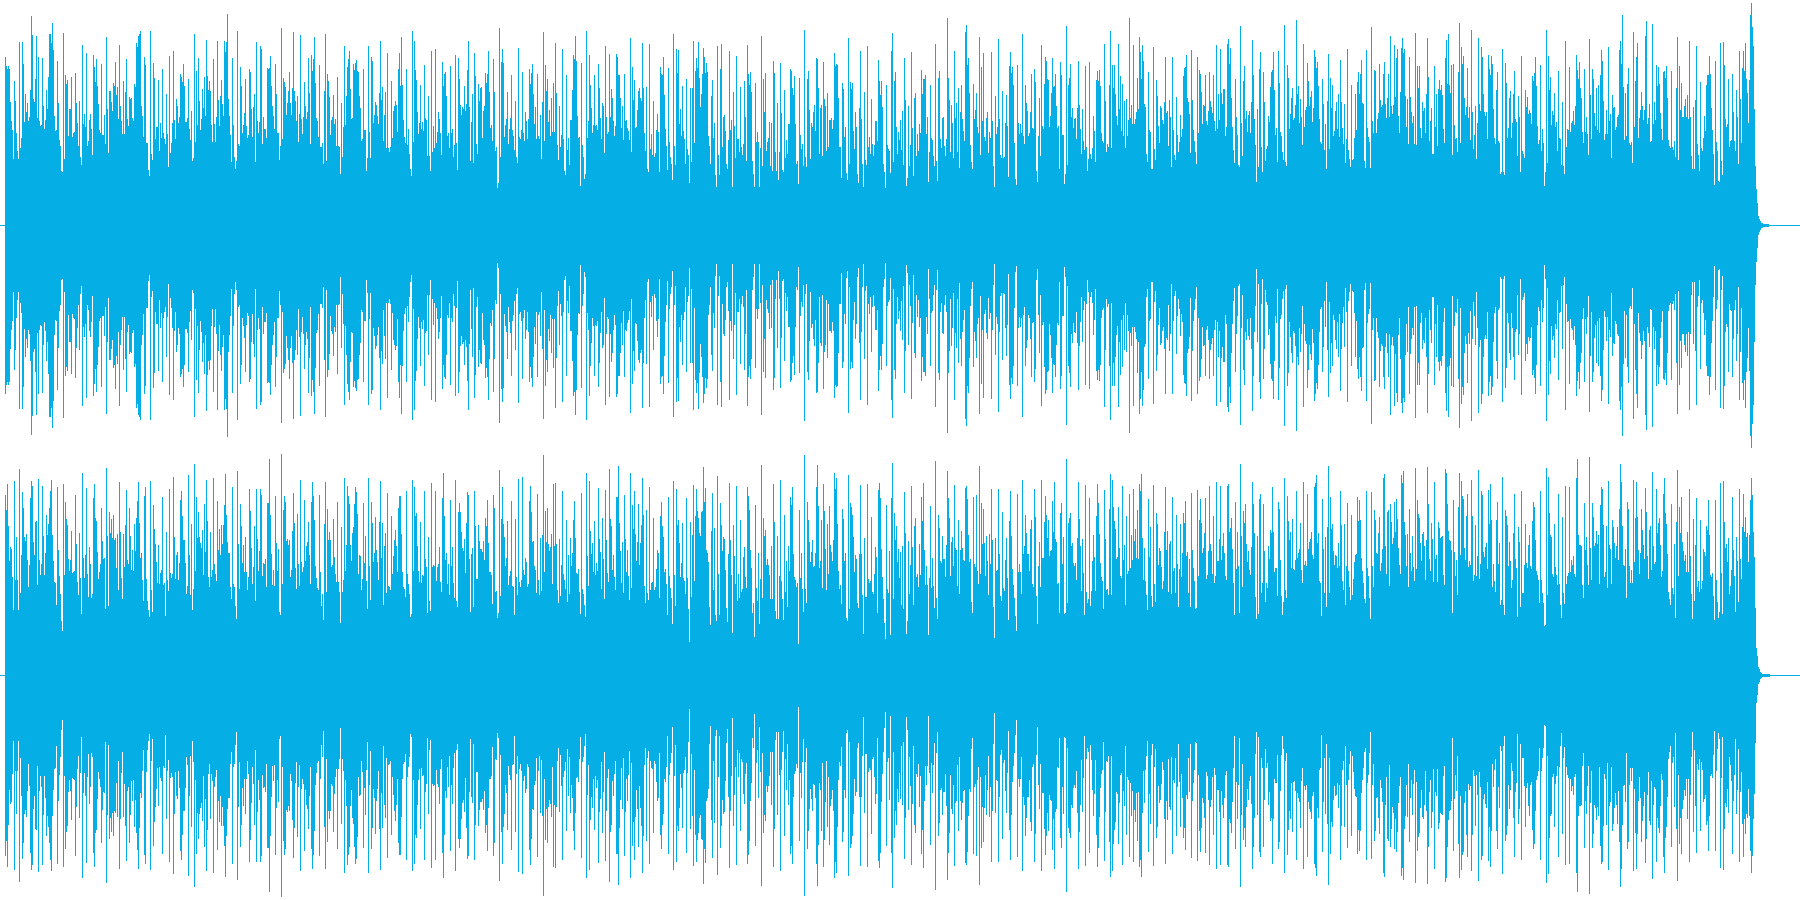 躍動感ある神秘的なシンセテクノサウンドの再生済みの波形